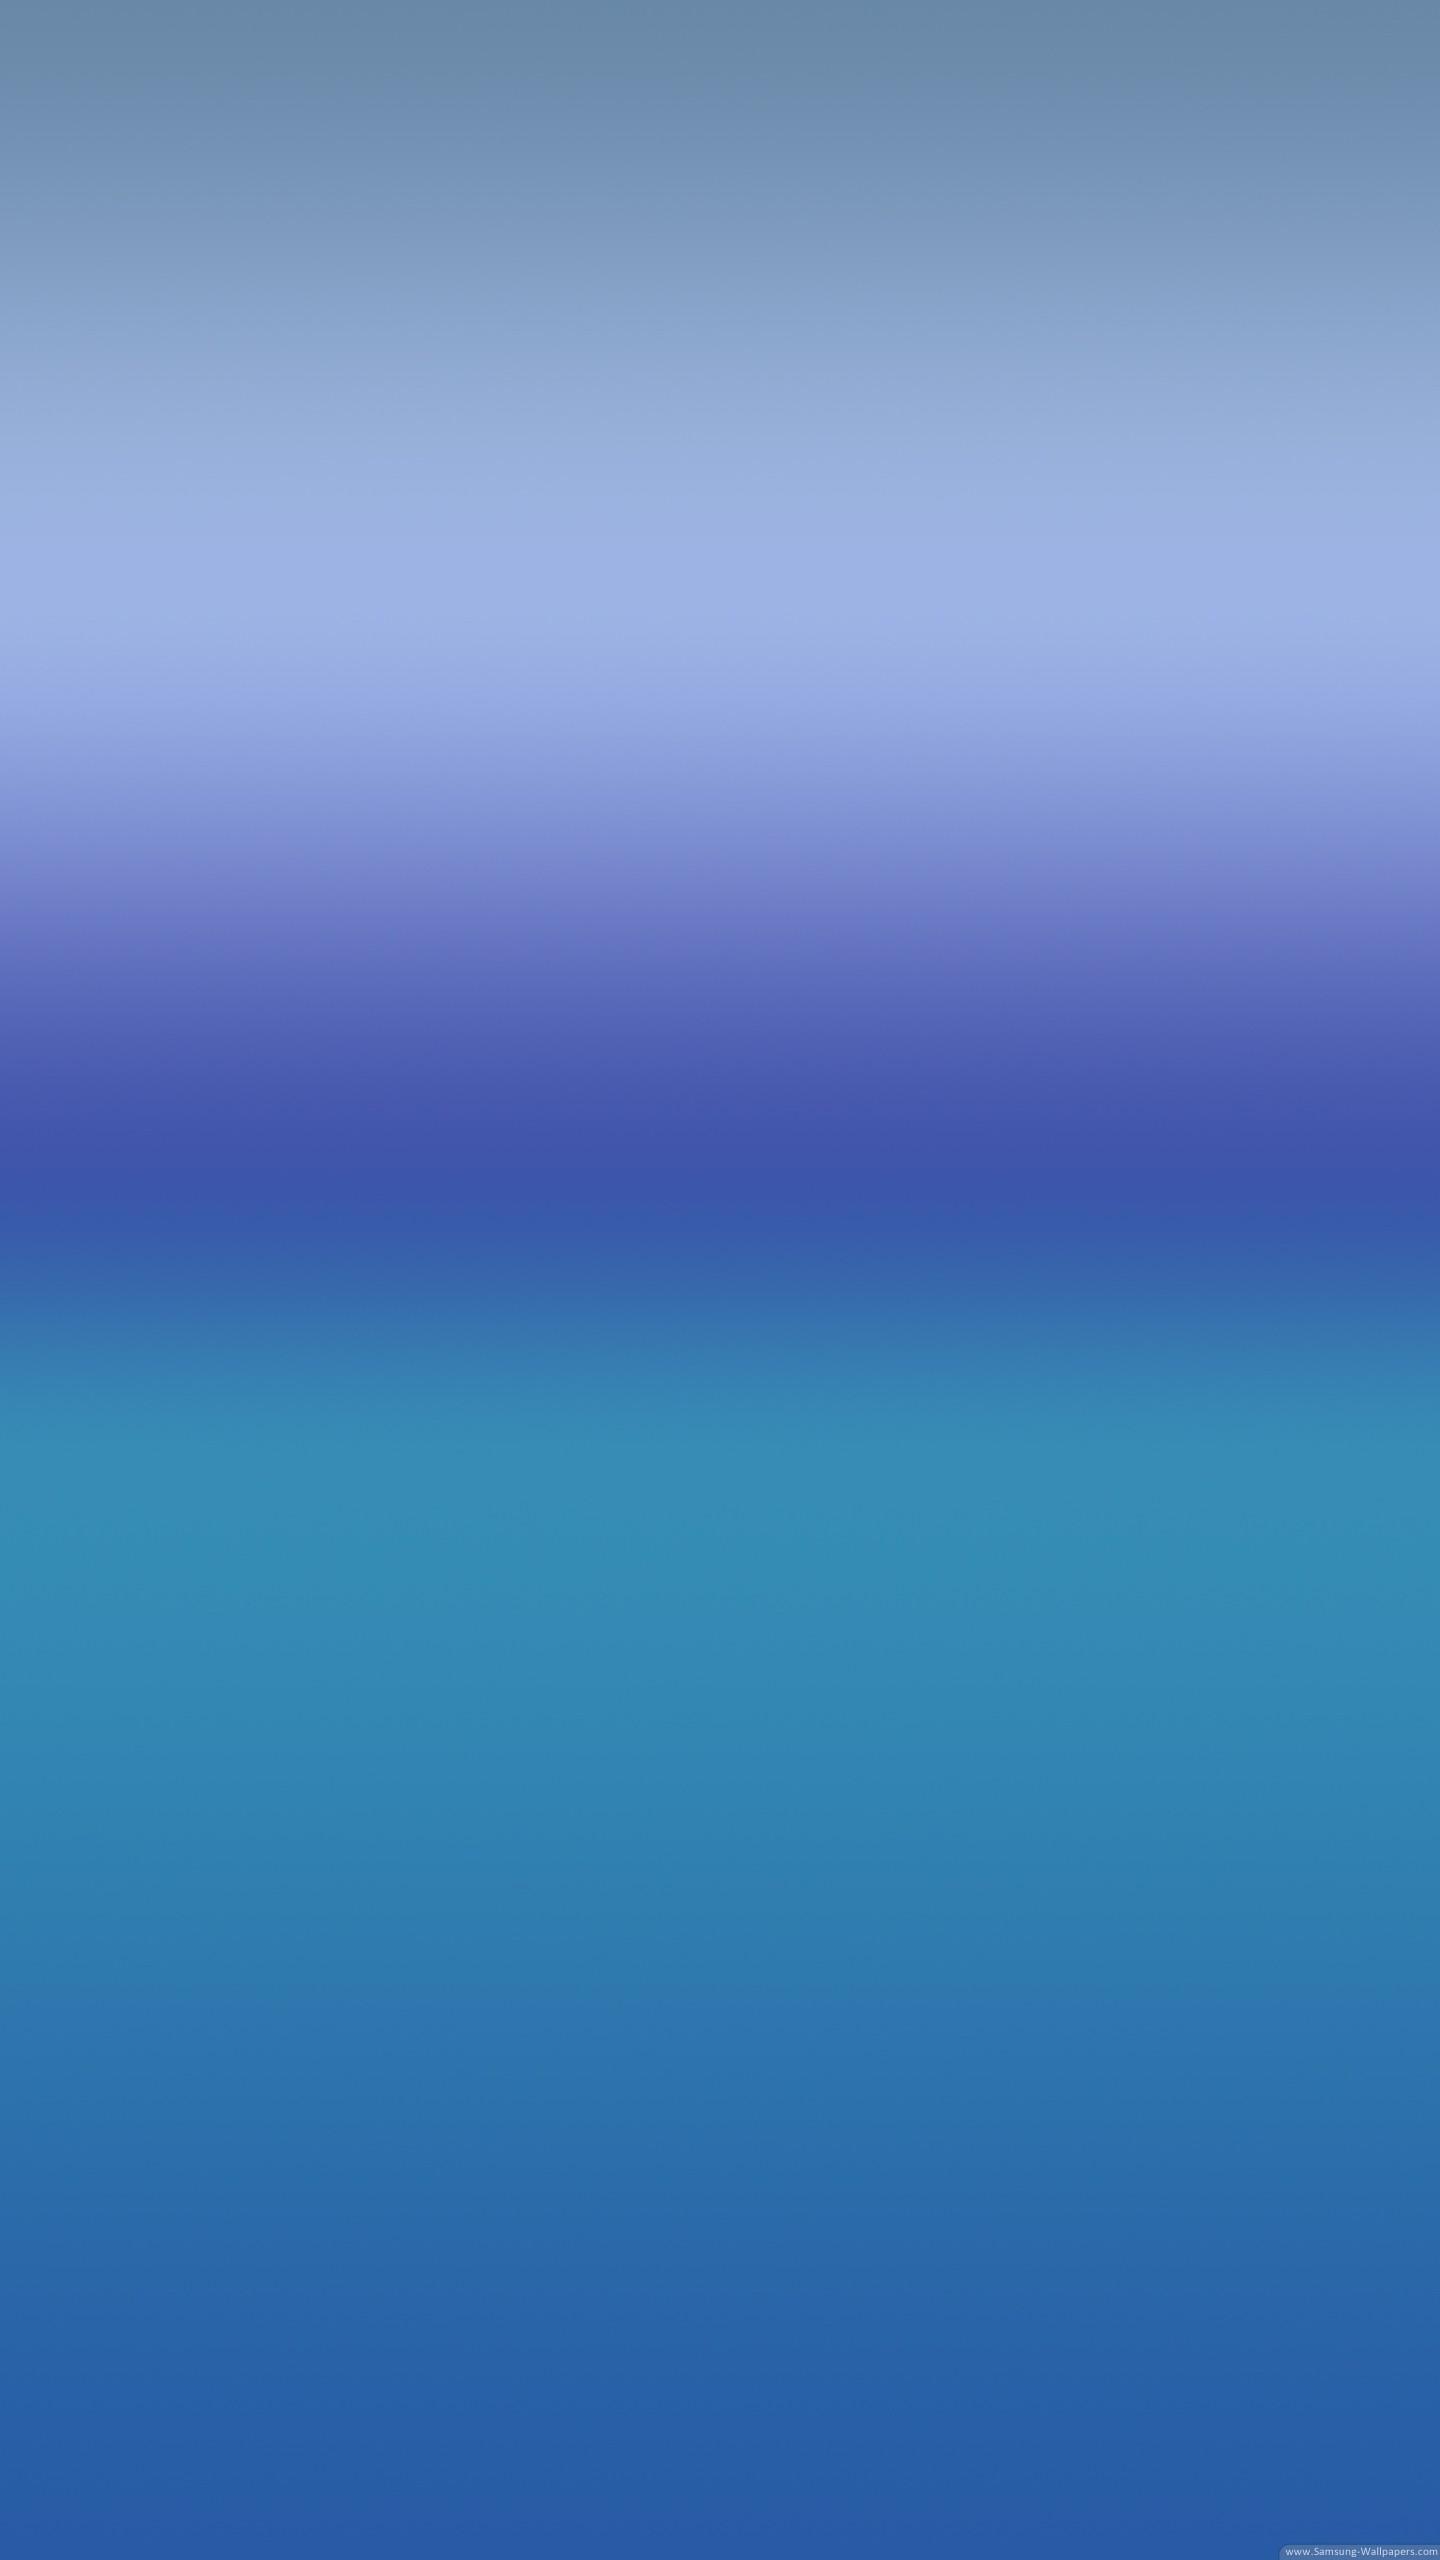 Google Pixel 3 Wallpapers - Top Free Google Pixel 3